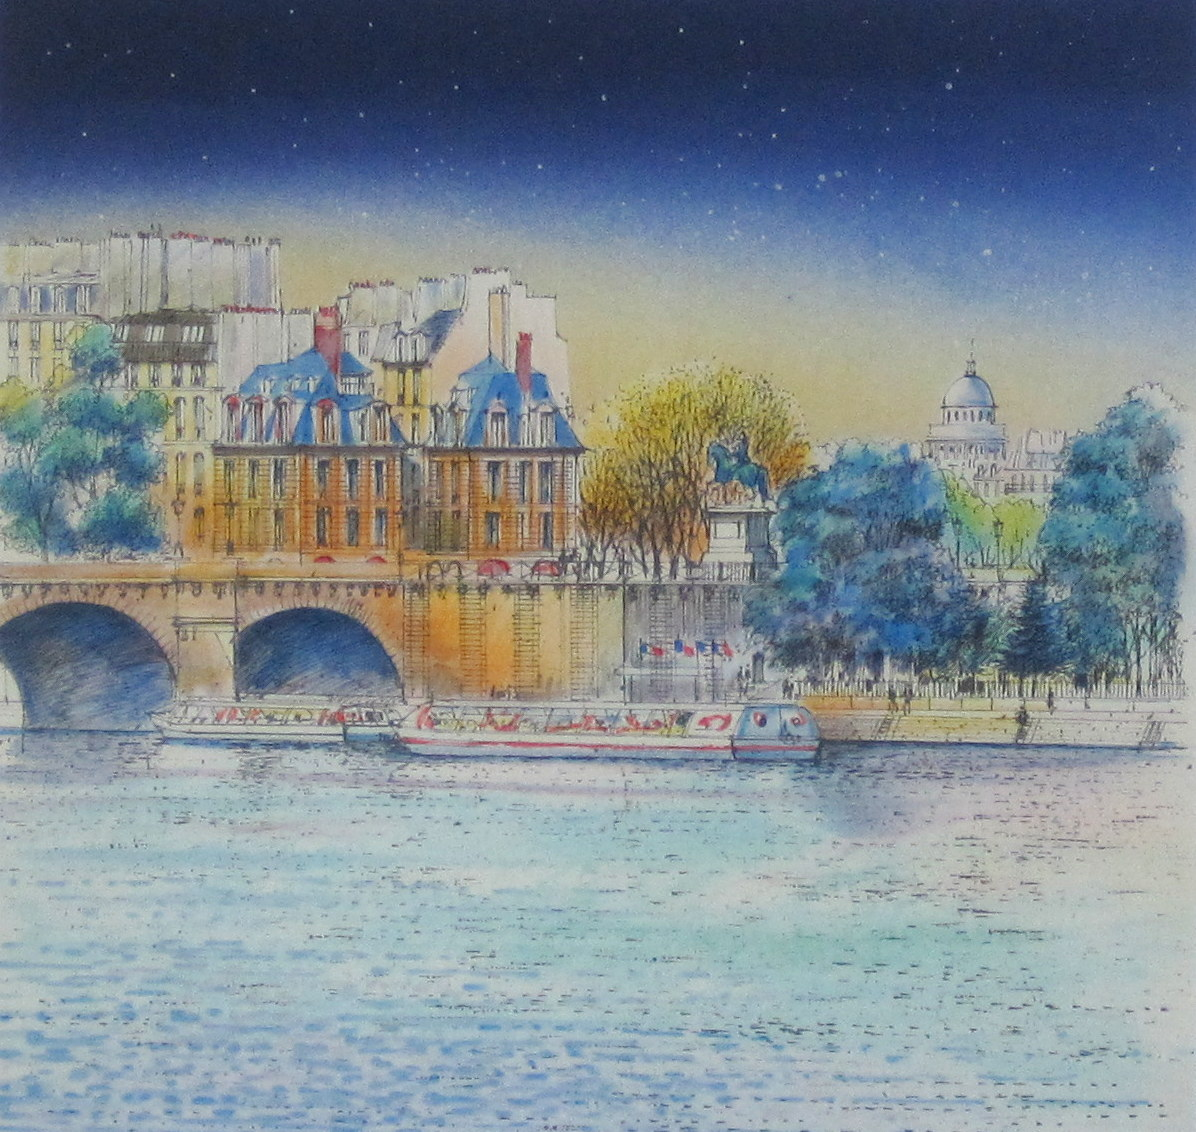 ヨーロッパ風景画・ ラフルスキー 「星空のセーヌ」 リトグラフ・外寸485×490mm